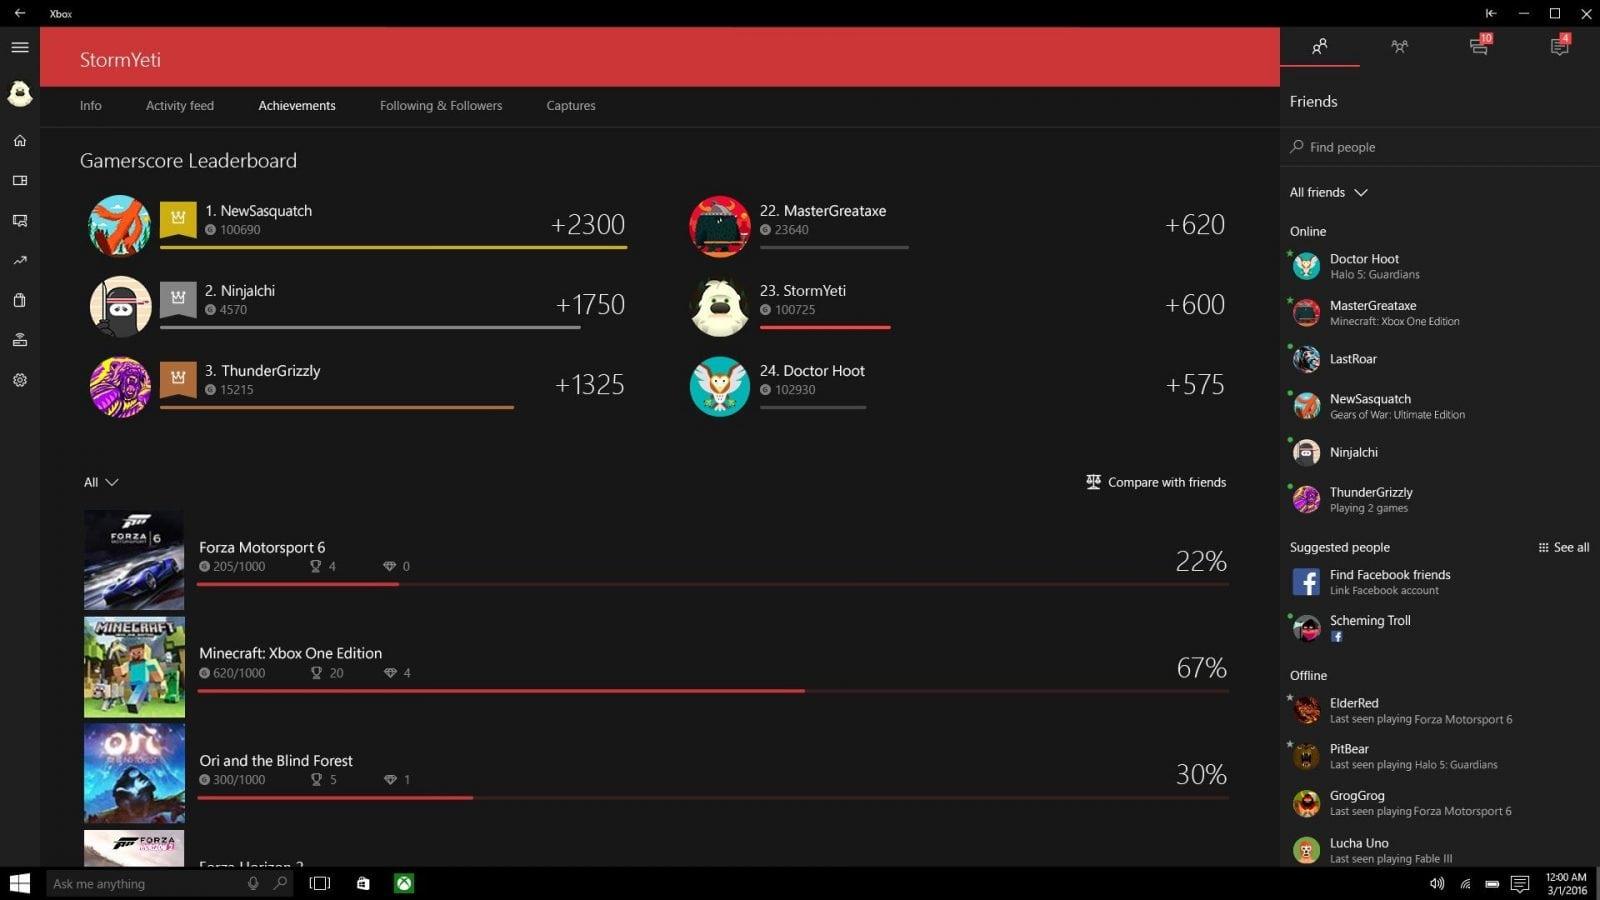 Preview: Atualização de Março para Xbox One